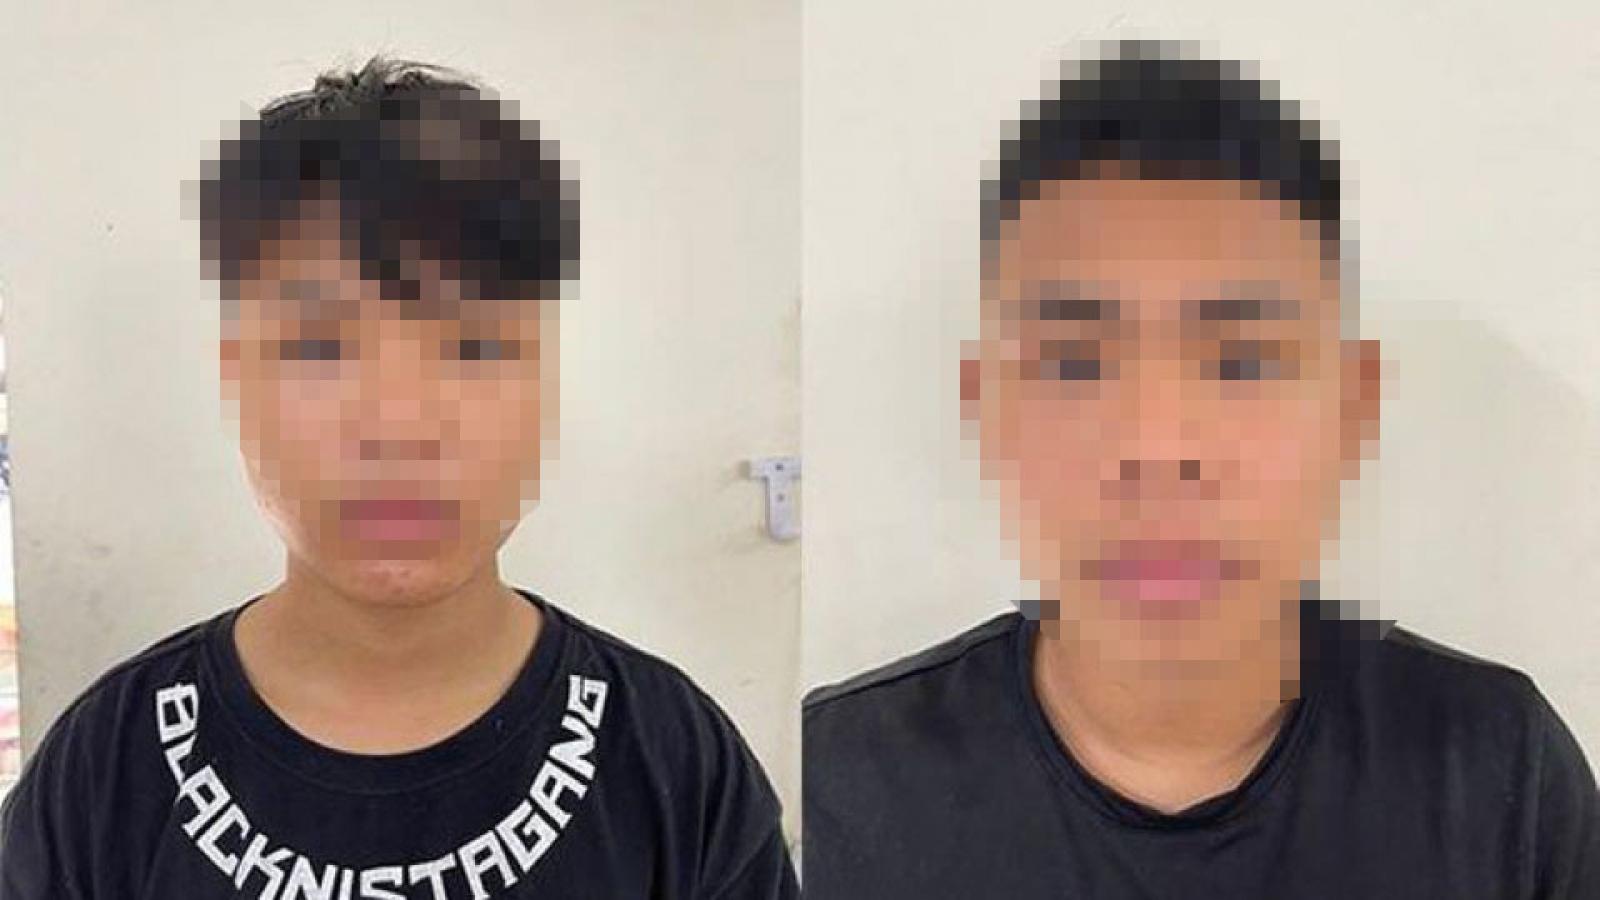 Nhận sửa điện thoại, 2 thanh niên dùng clip nhạy cảm để tống tiền